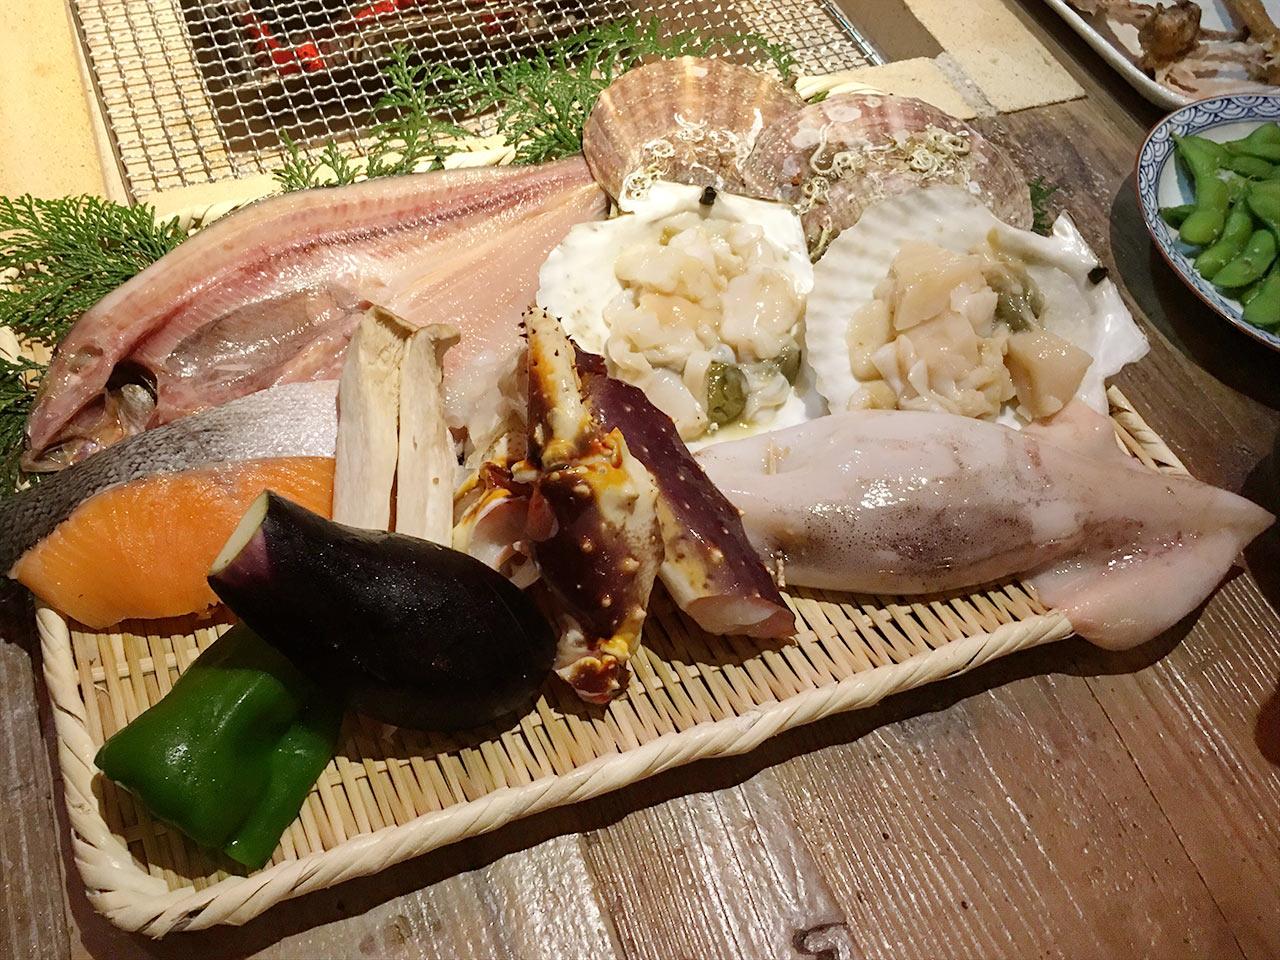 shinbashi-zenibako-bbq-set01